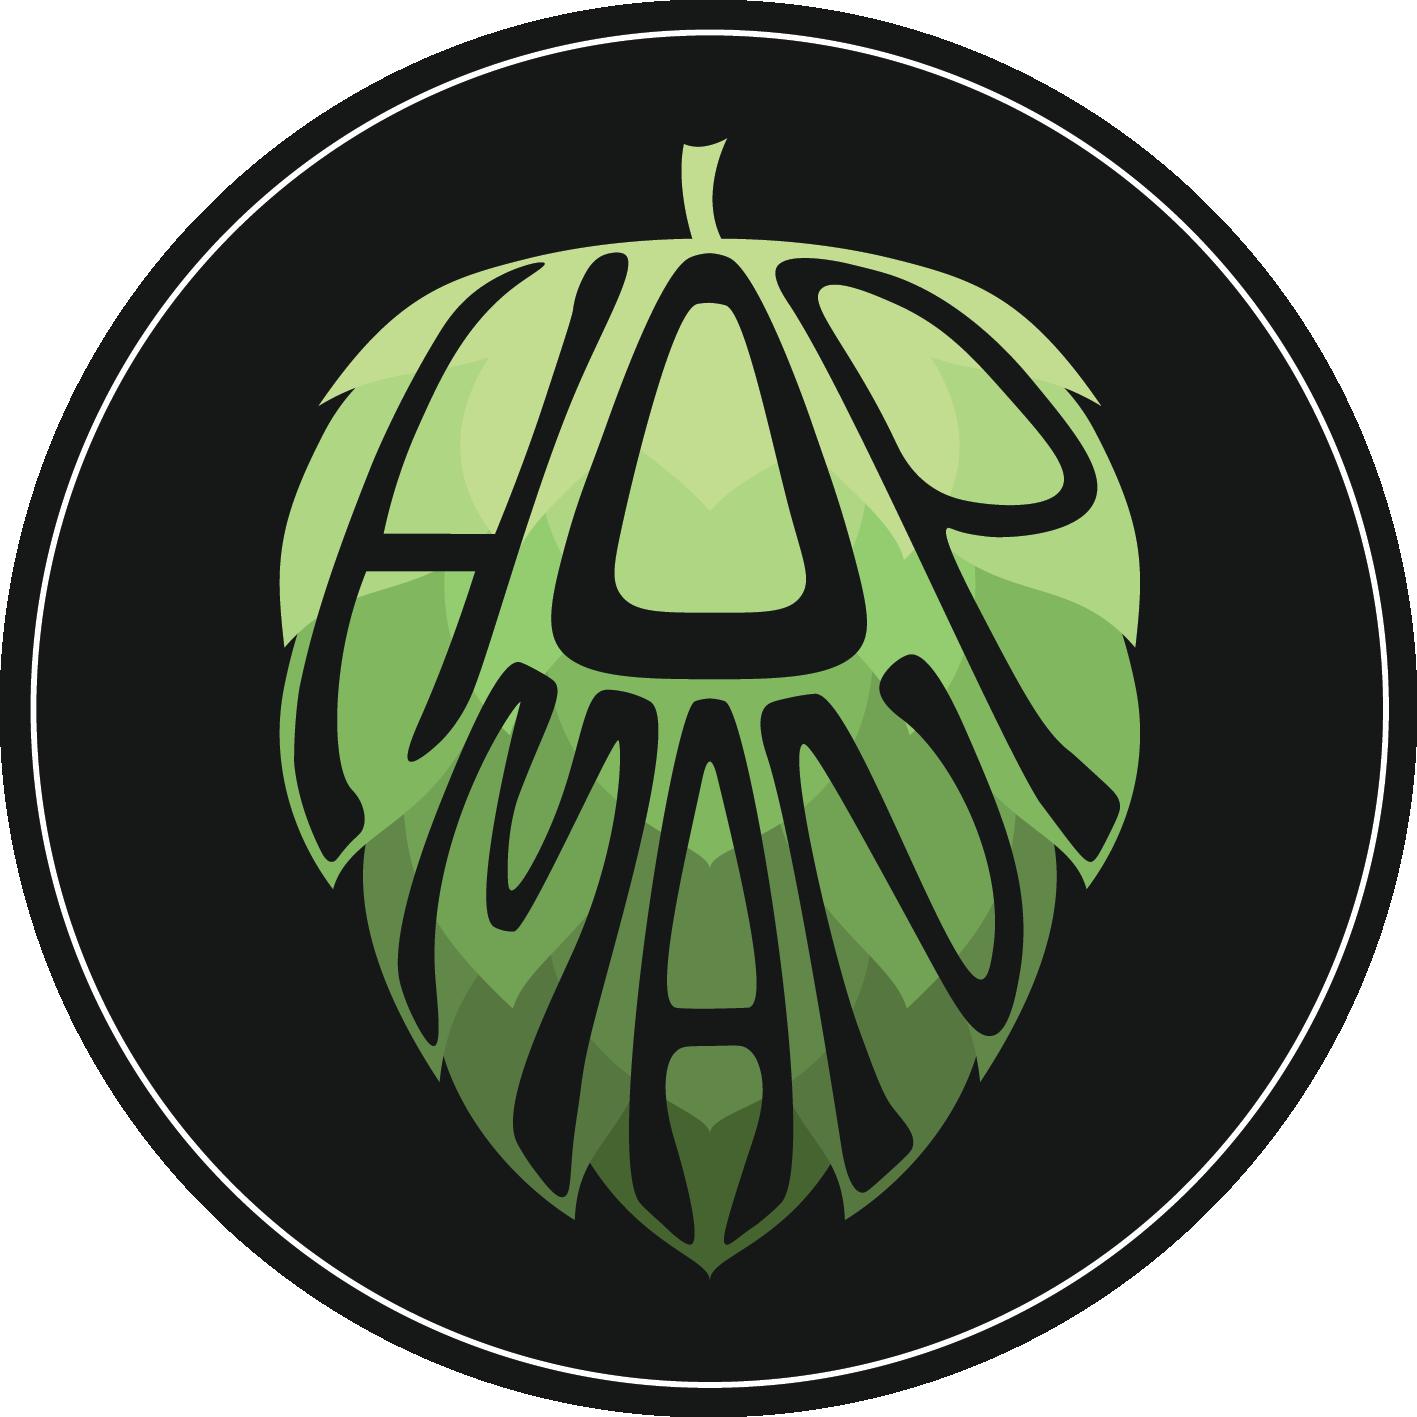 Hopman Brewery